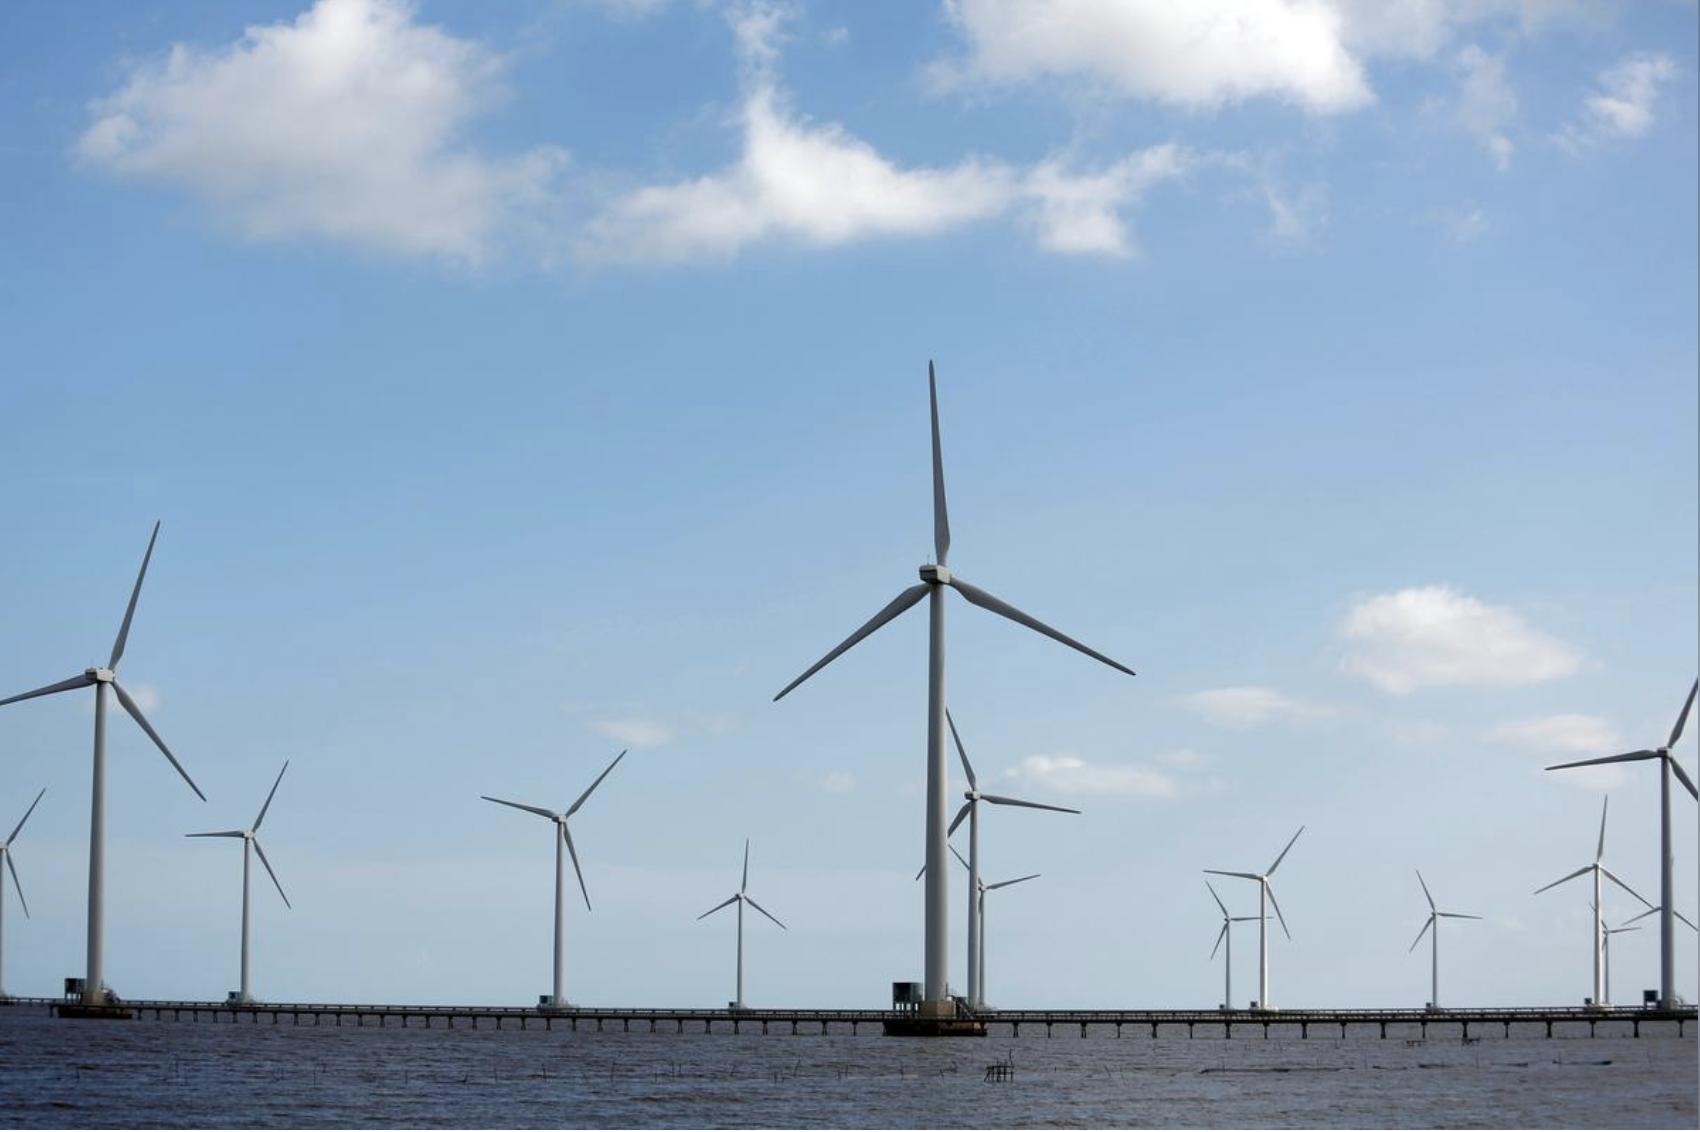 Năng lượng tái tạo có thể vượt qua than trở thành nguồn điện lớn nhất Việt Nam vào 2030 - Ảnh 1.